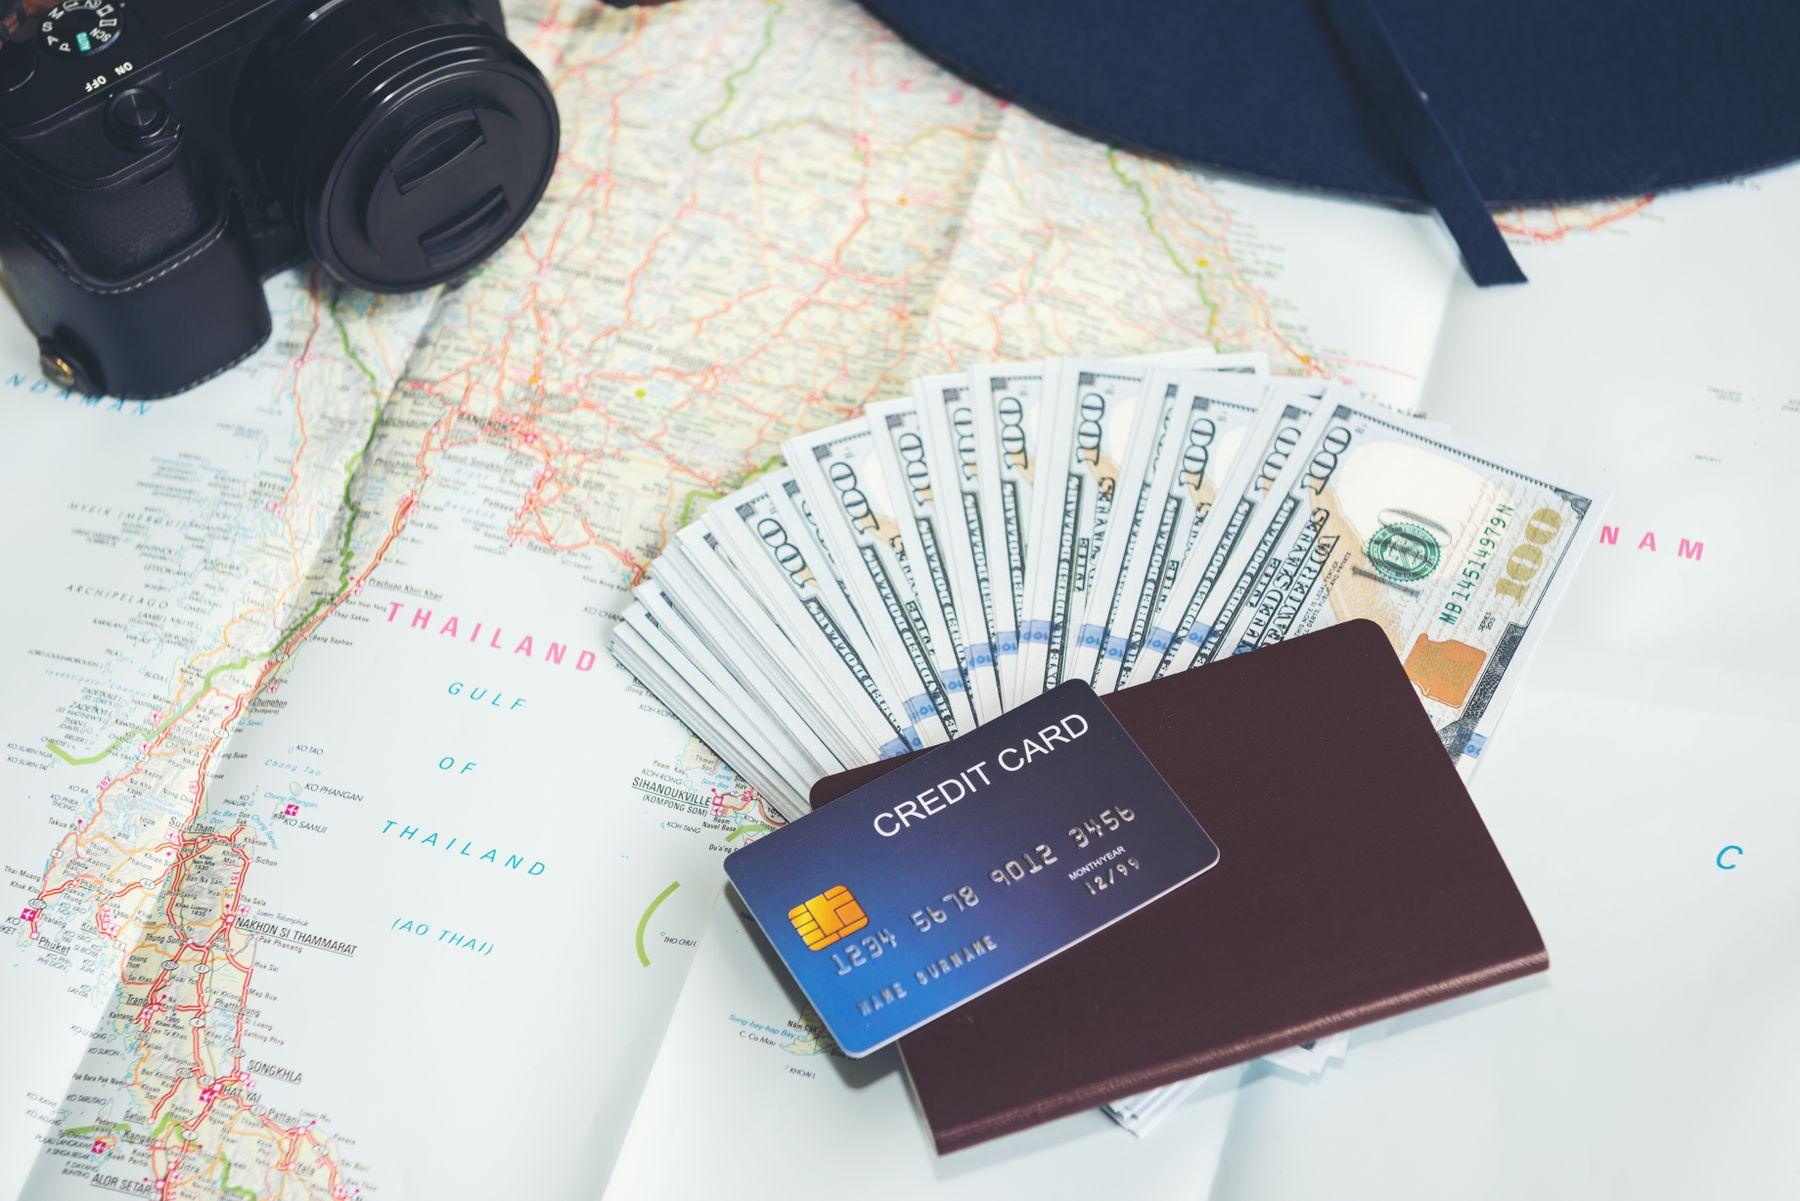 Những vật dụng cần chuẩn bị cho chuyến du lịch nước ngoài